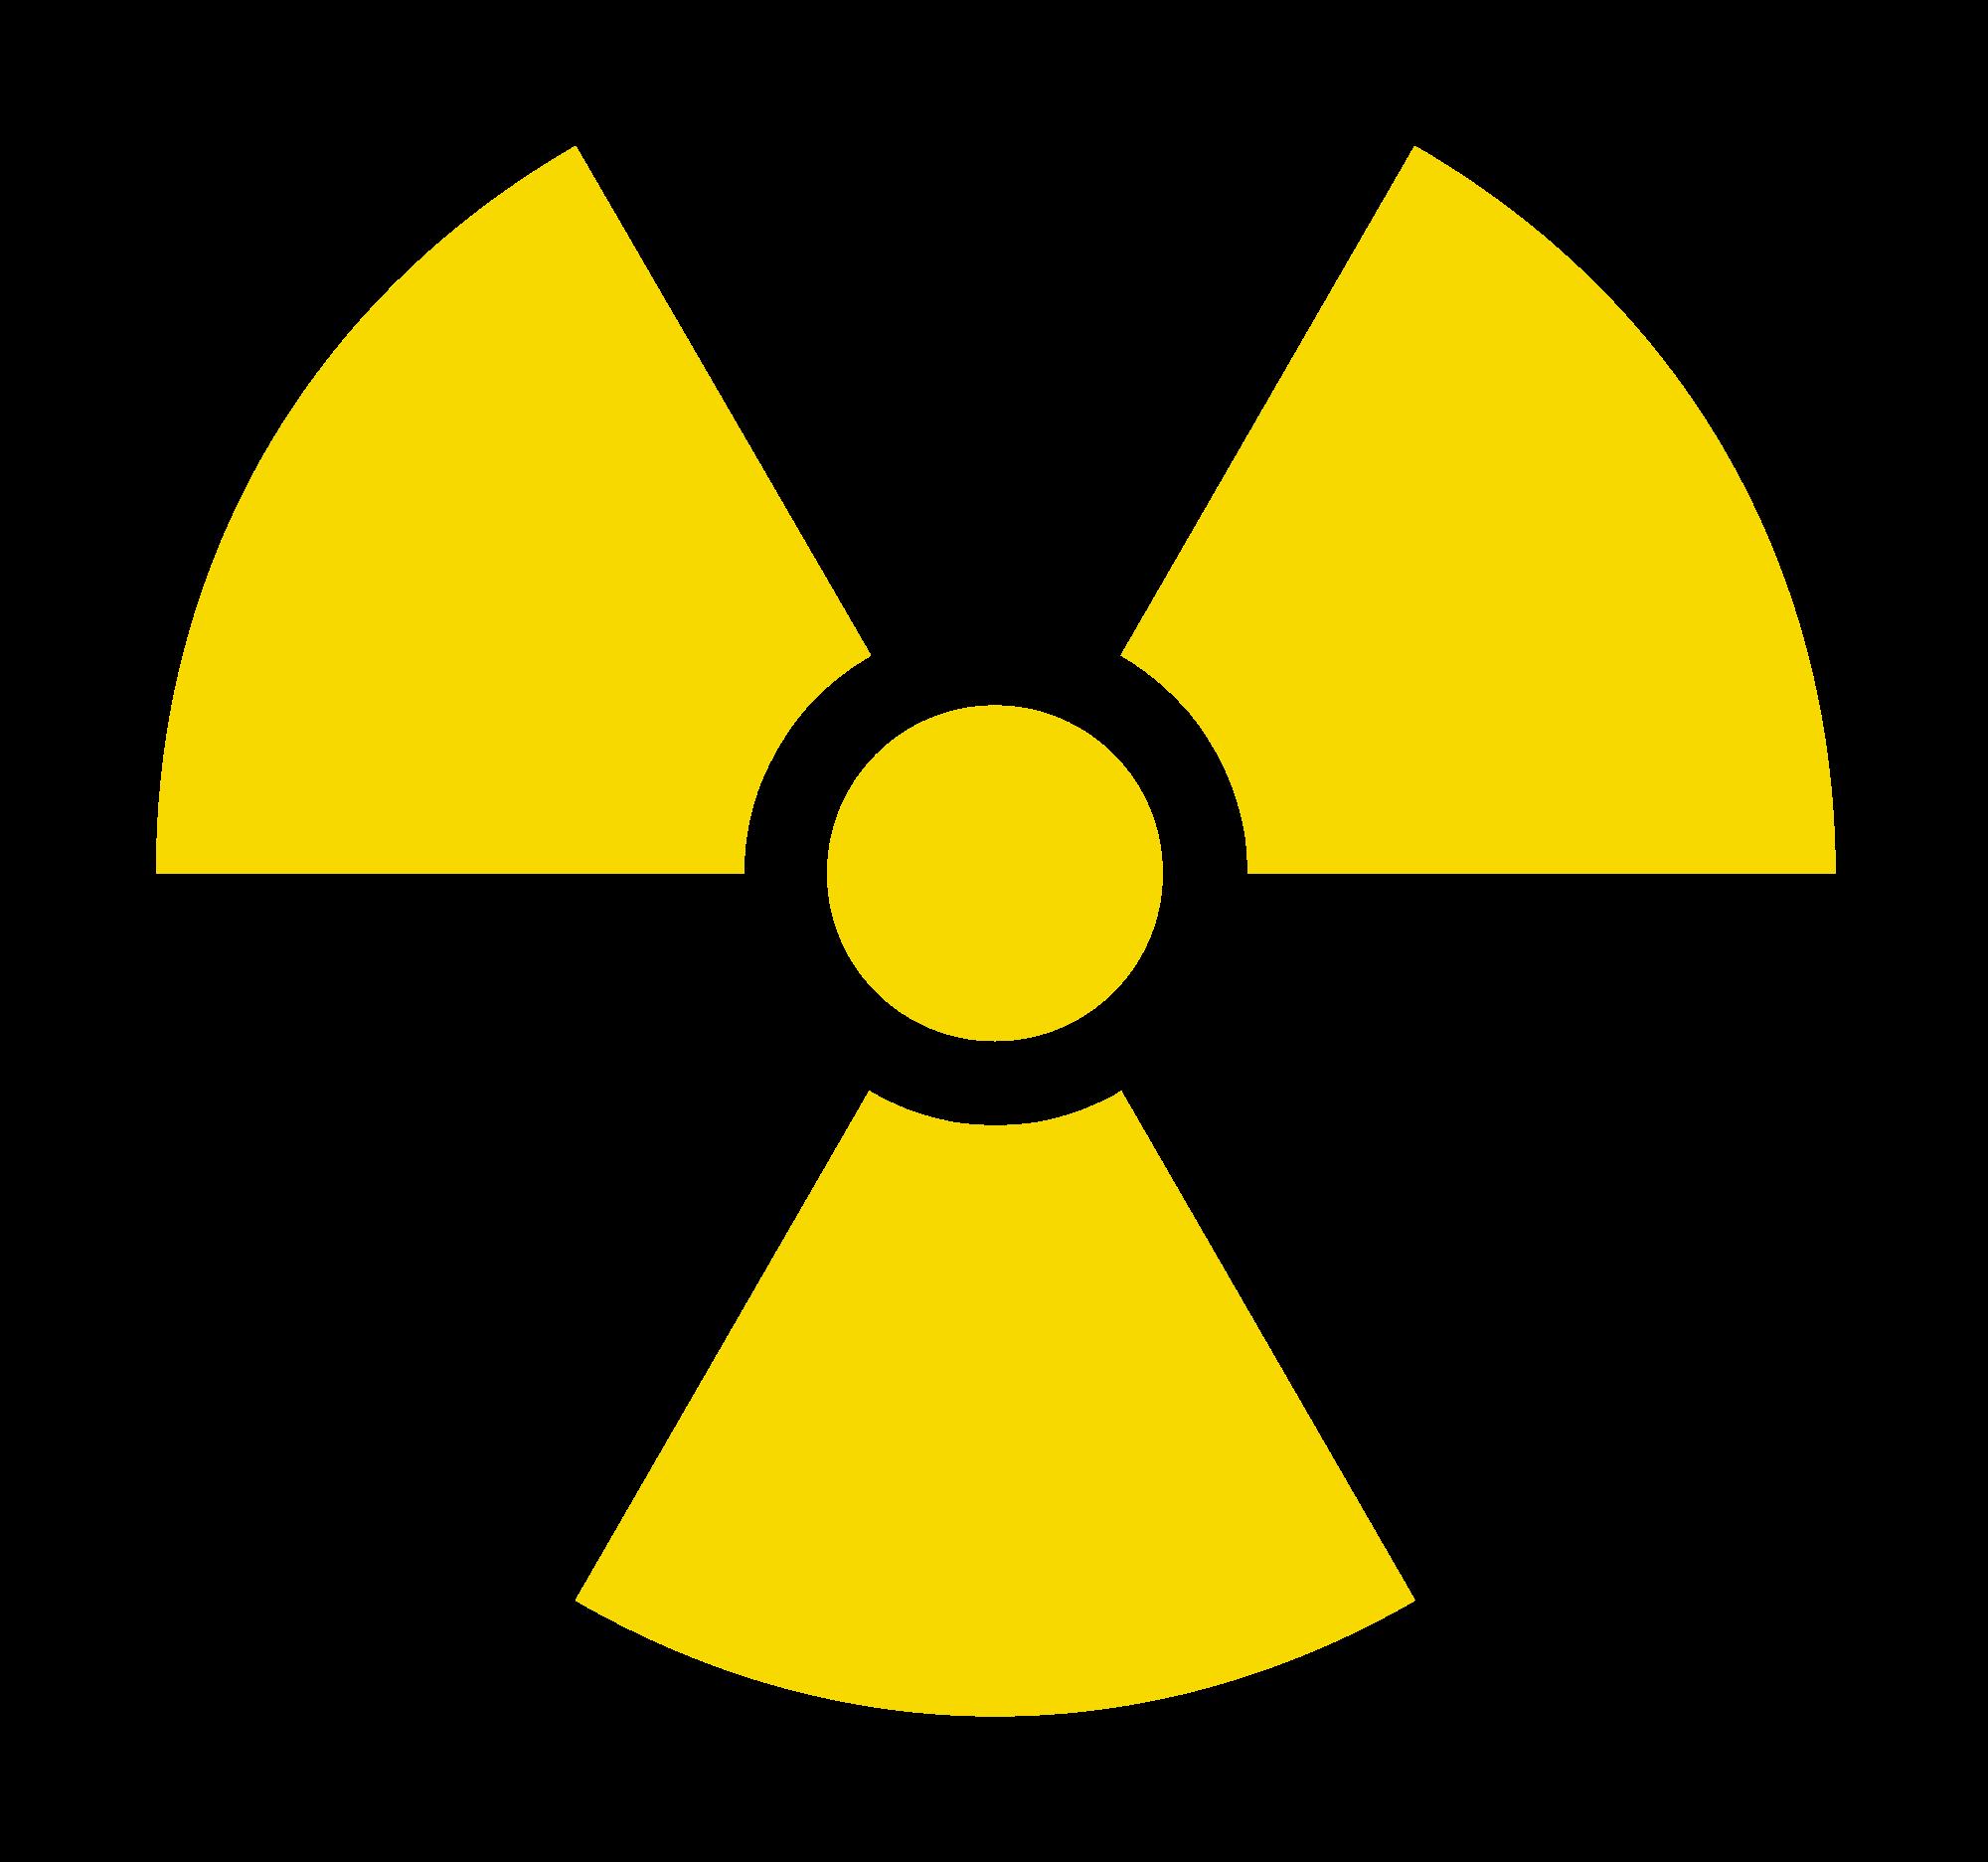 Radioactive svg #13, Download drawings